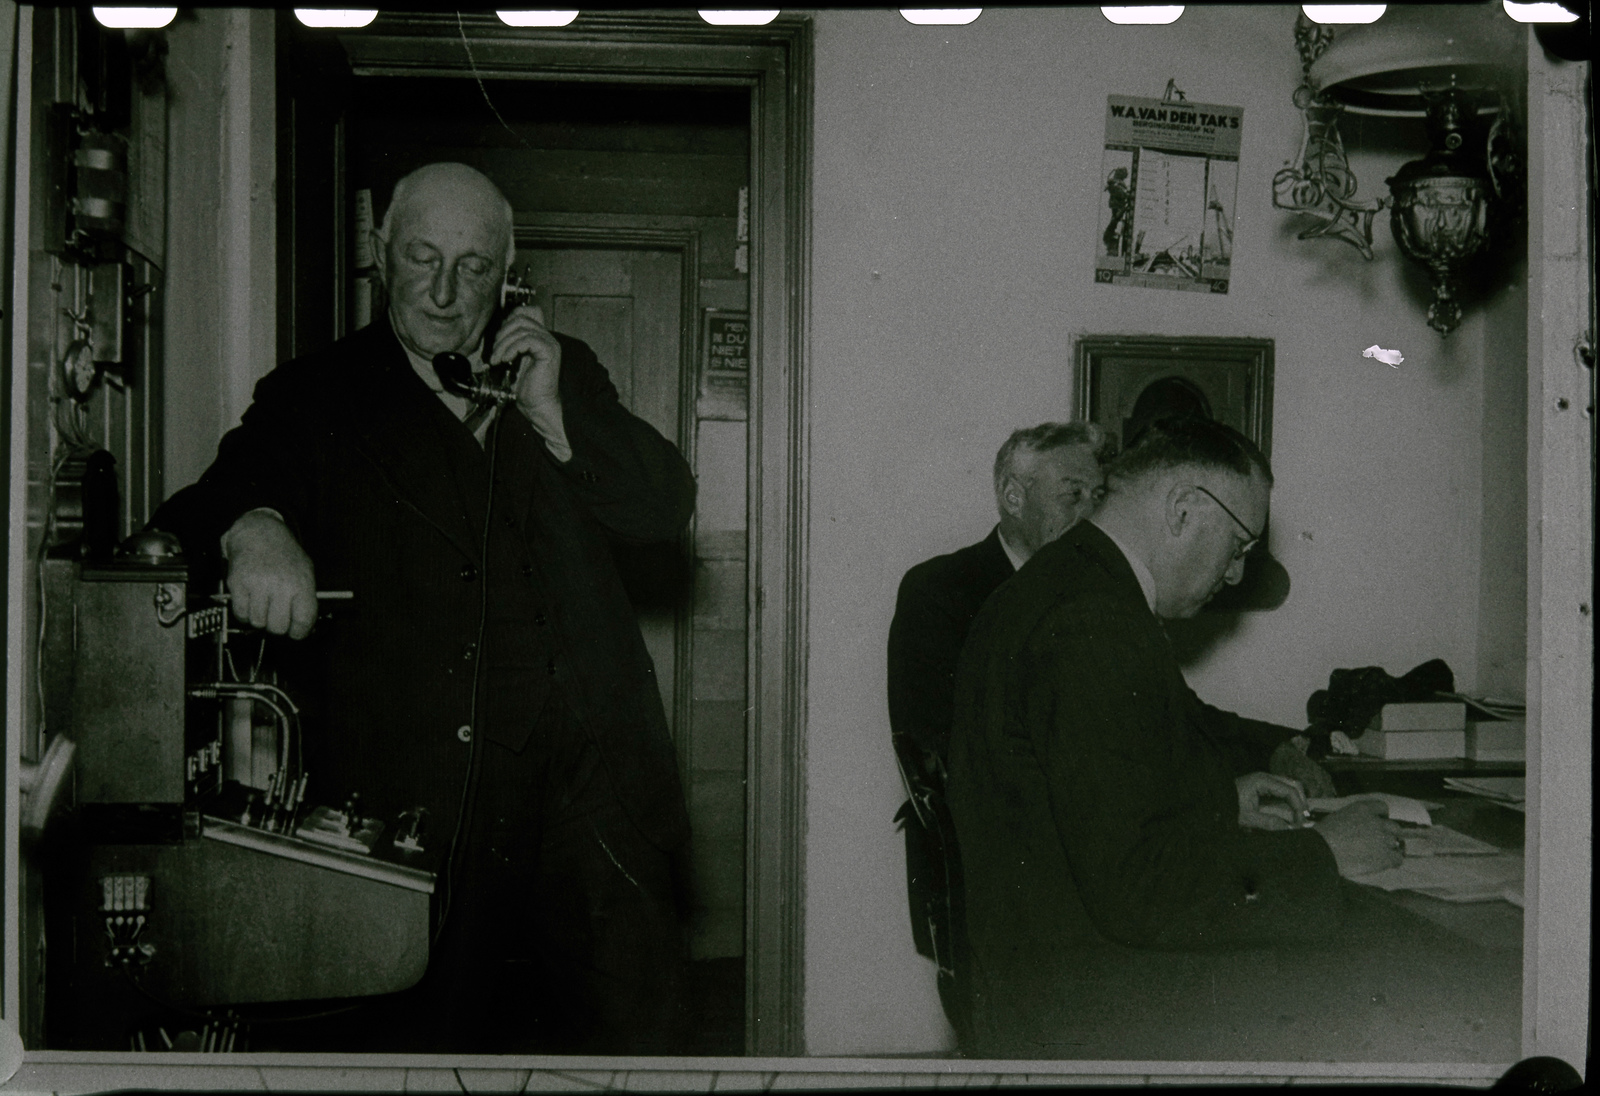 Mannen in postkantoor